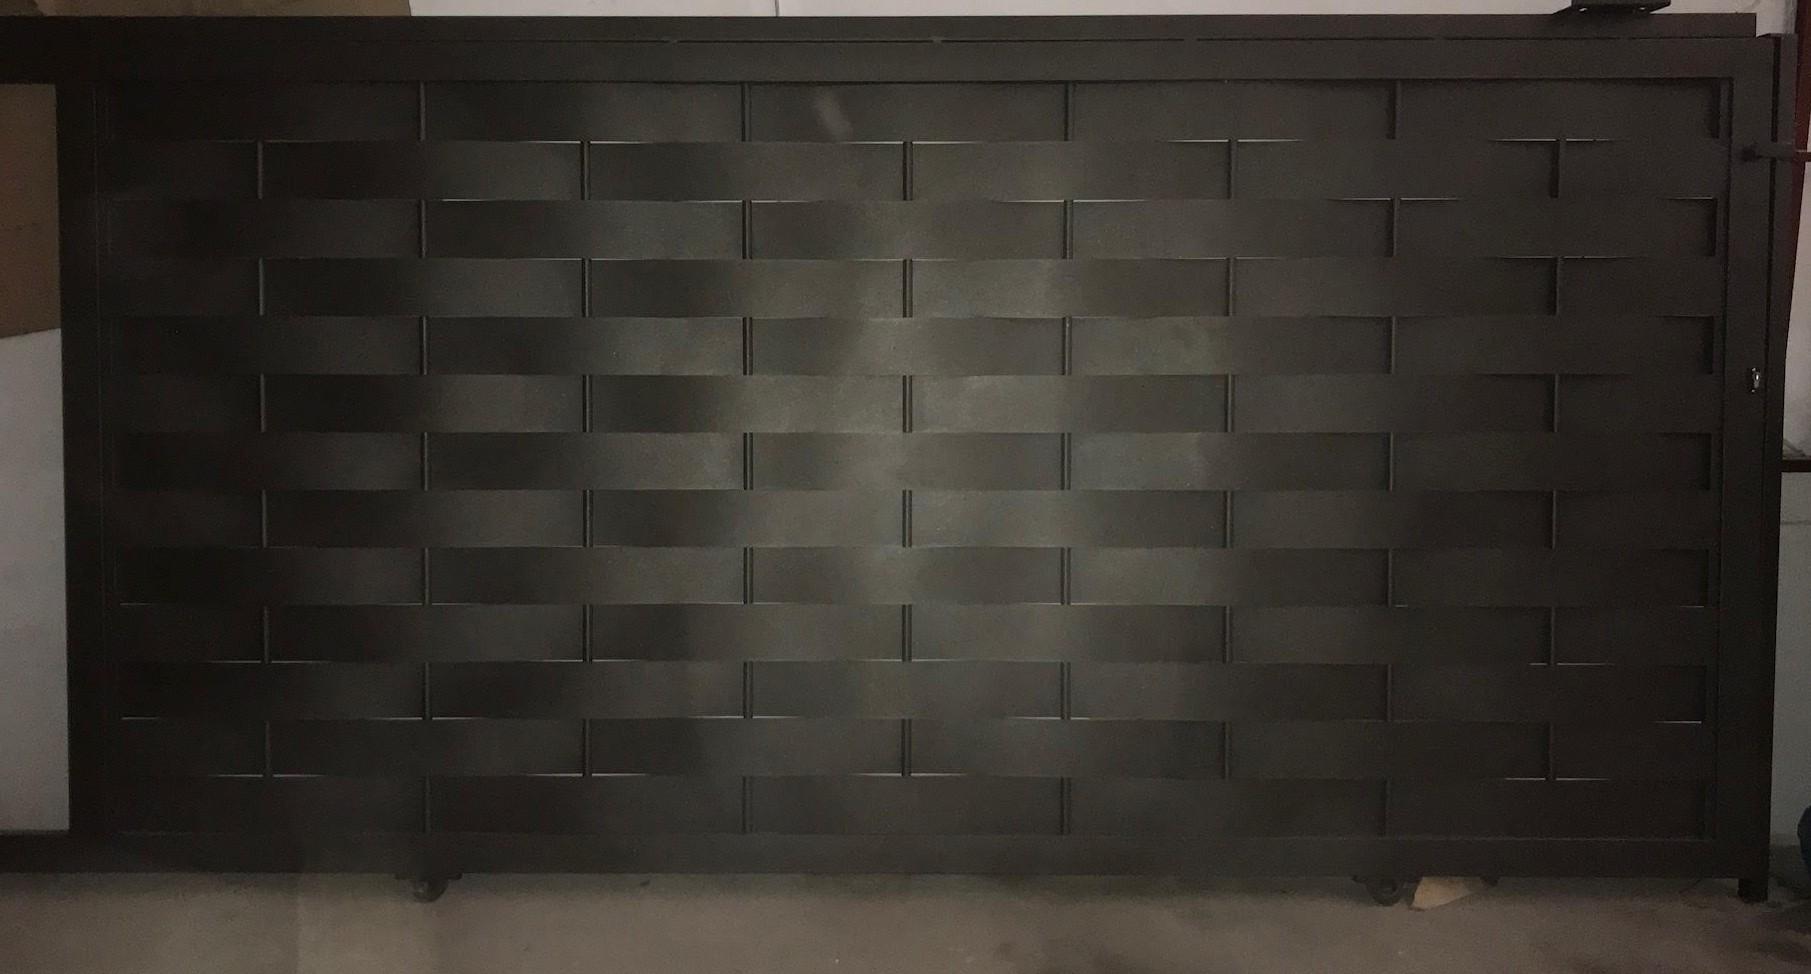 Puertas para chalets torival fabricacion y montaje de vallados - Puertas de chalet ...